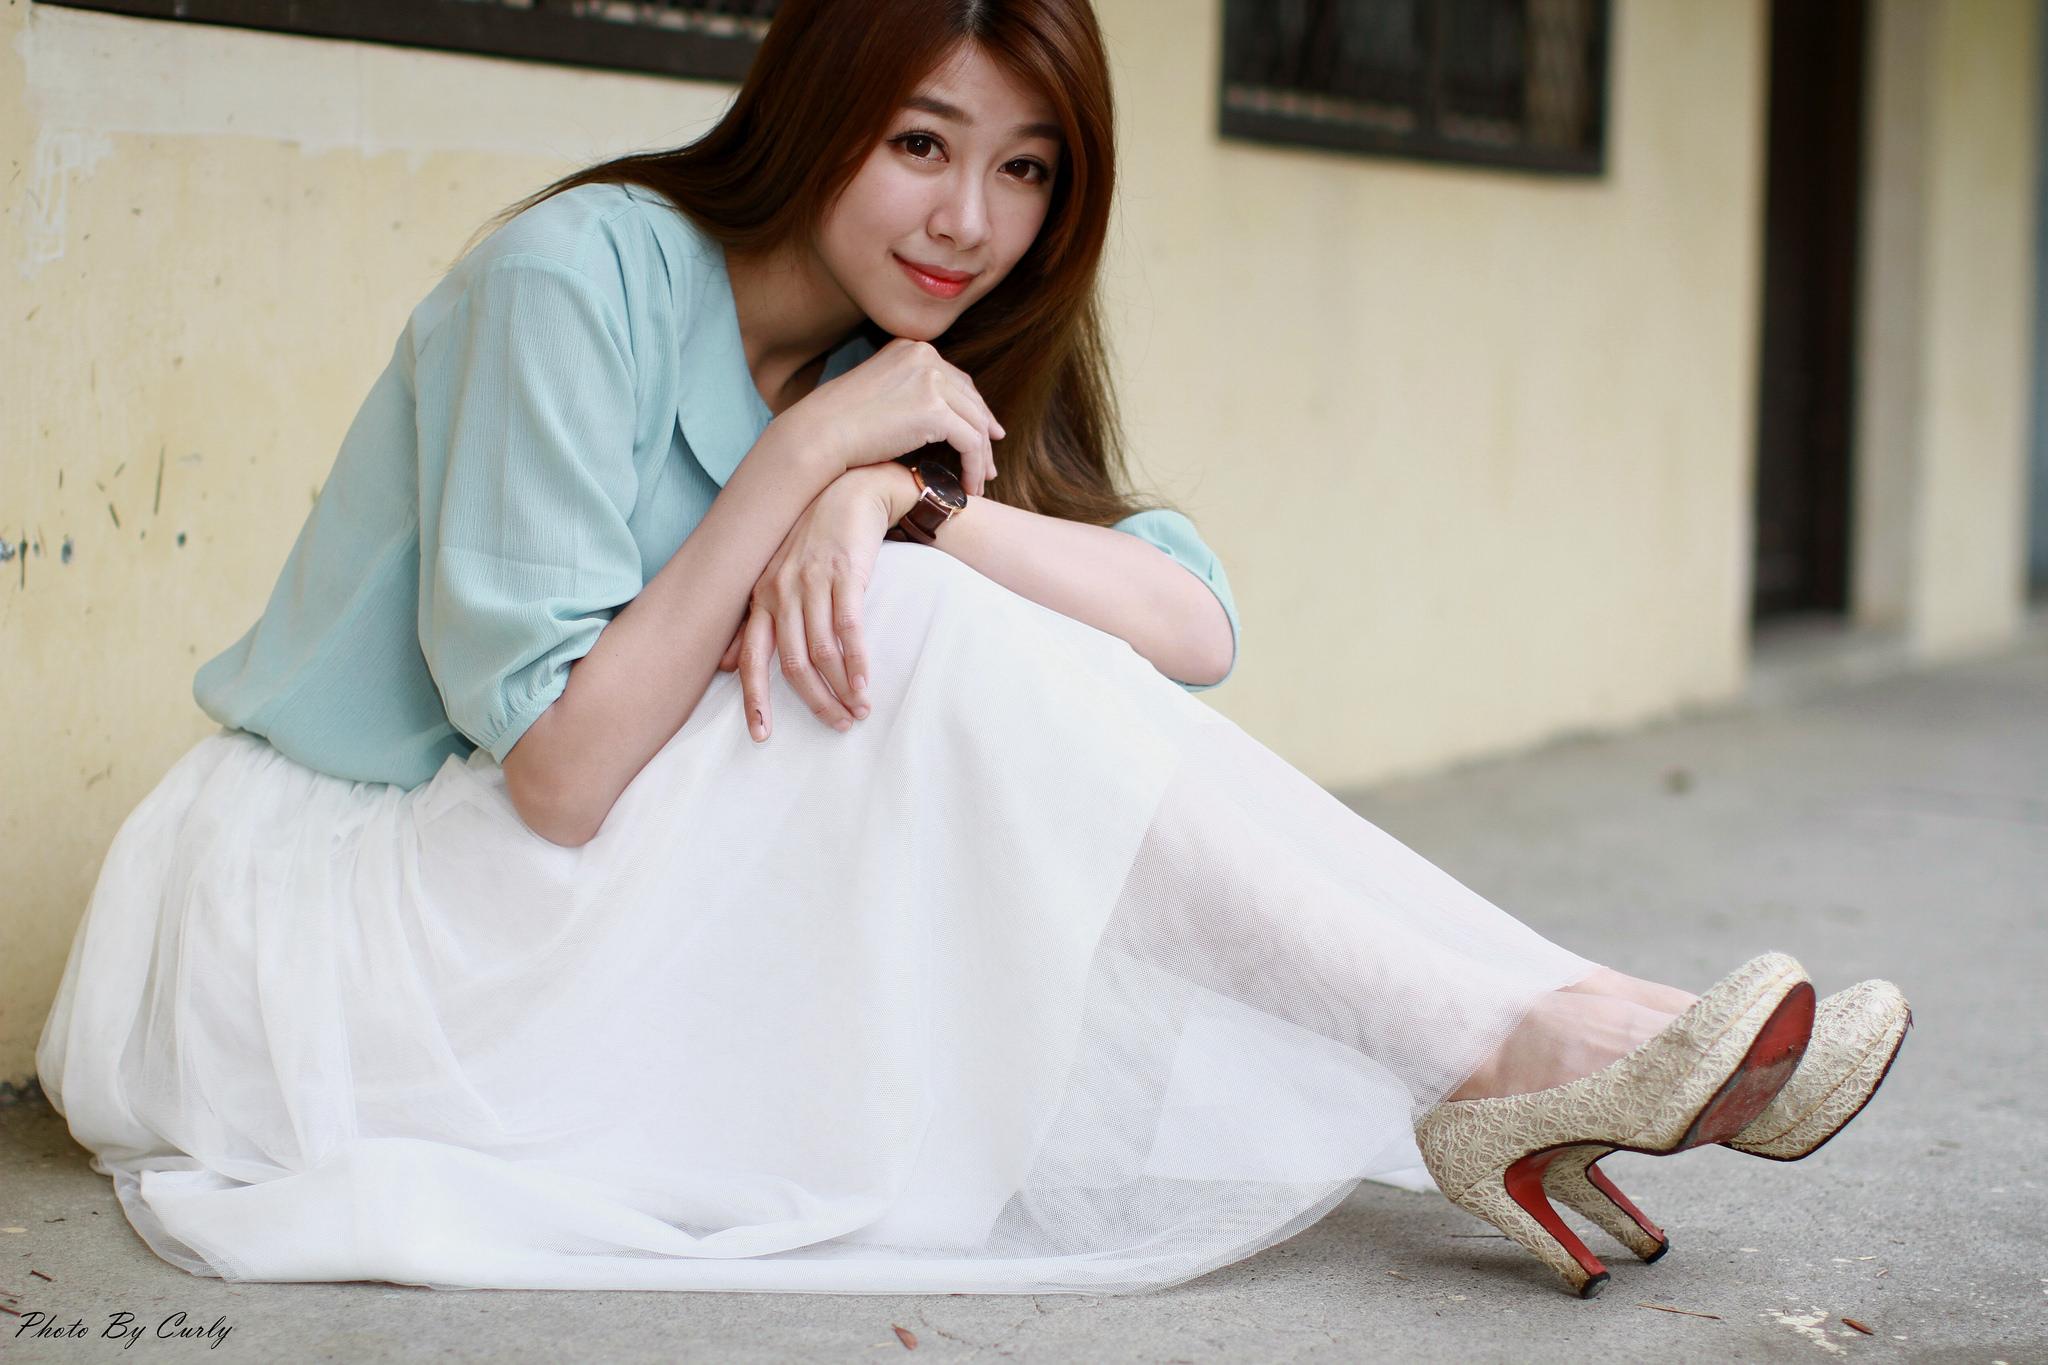 成熟女人……[我的小紫 简嘉莹 83p]…… - 梅竹 - 梅竹欢迎您